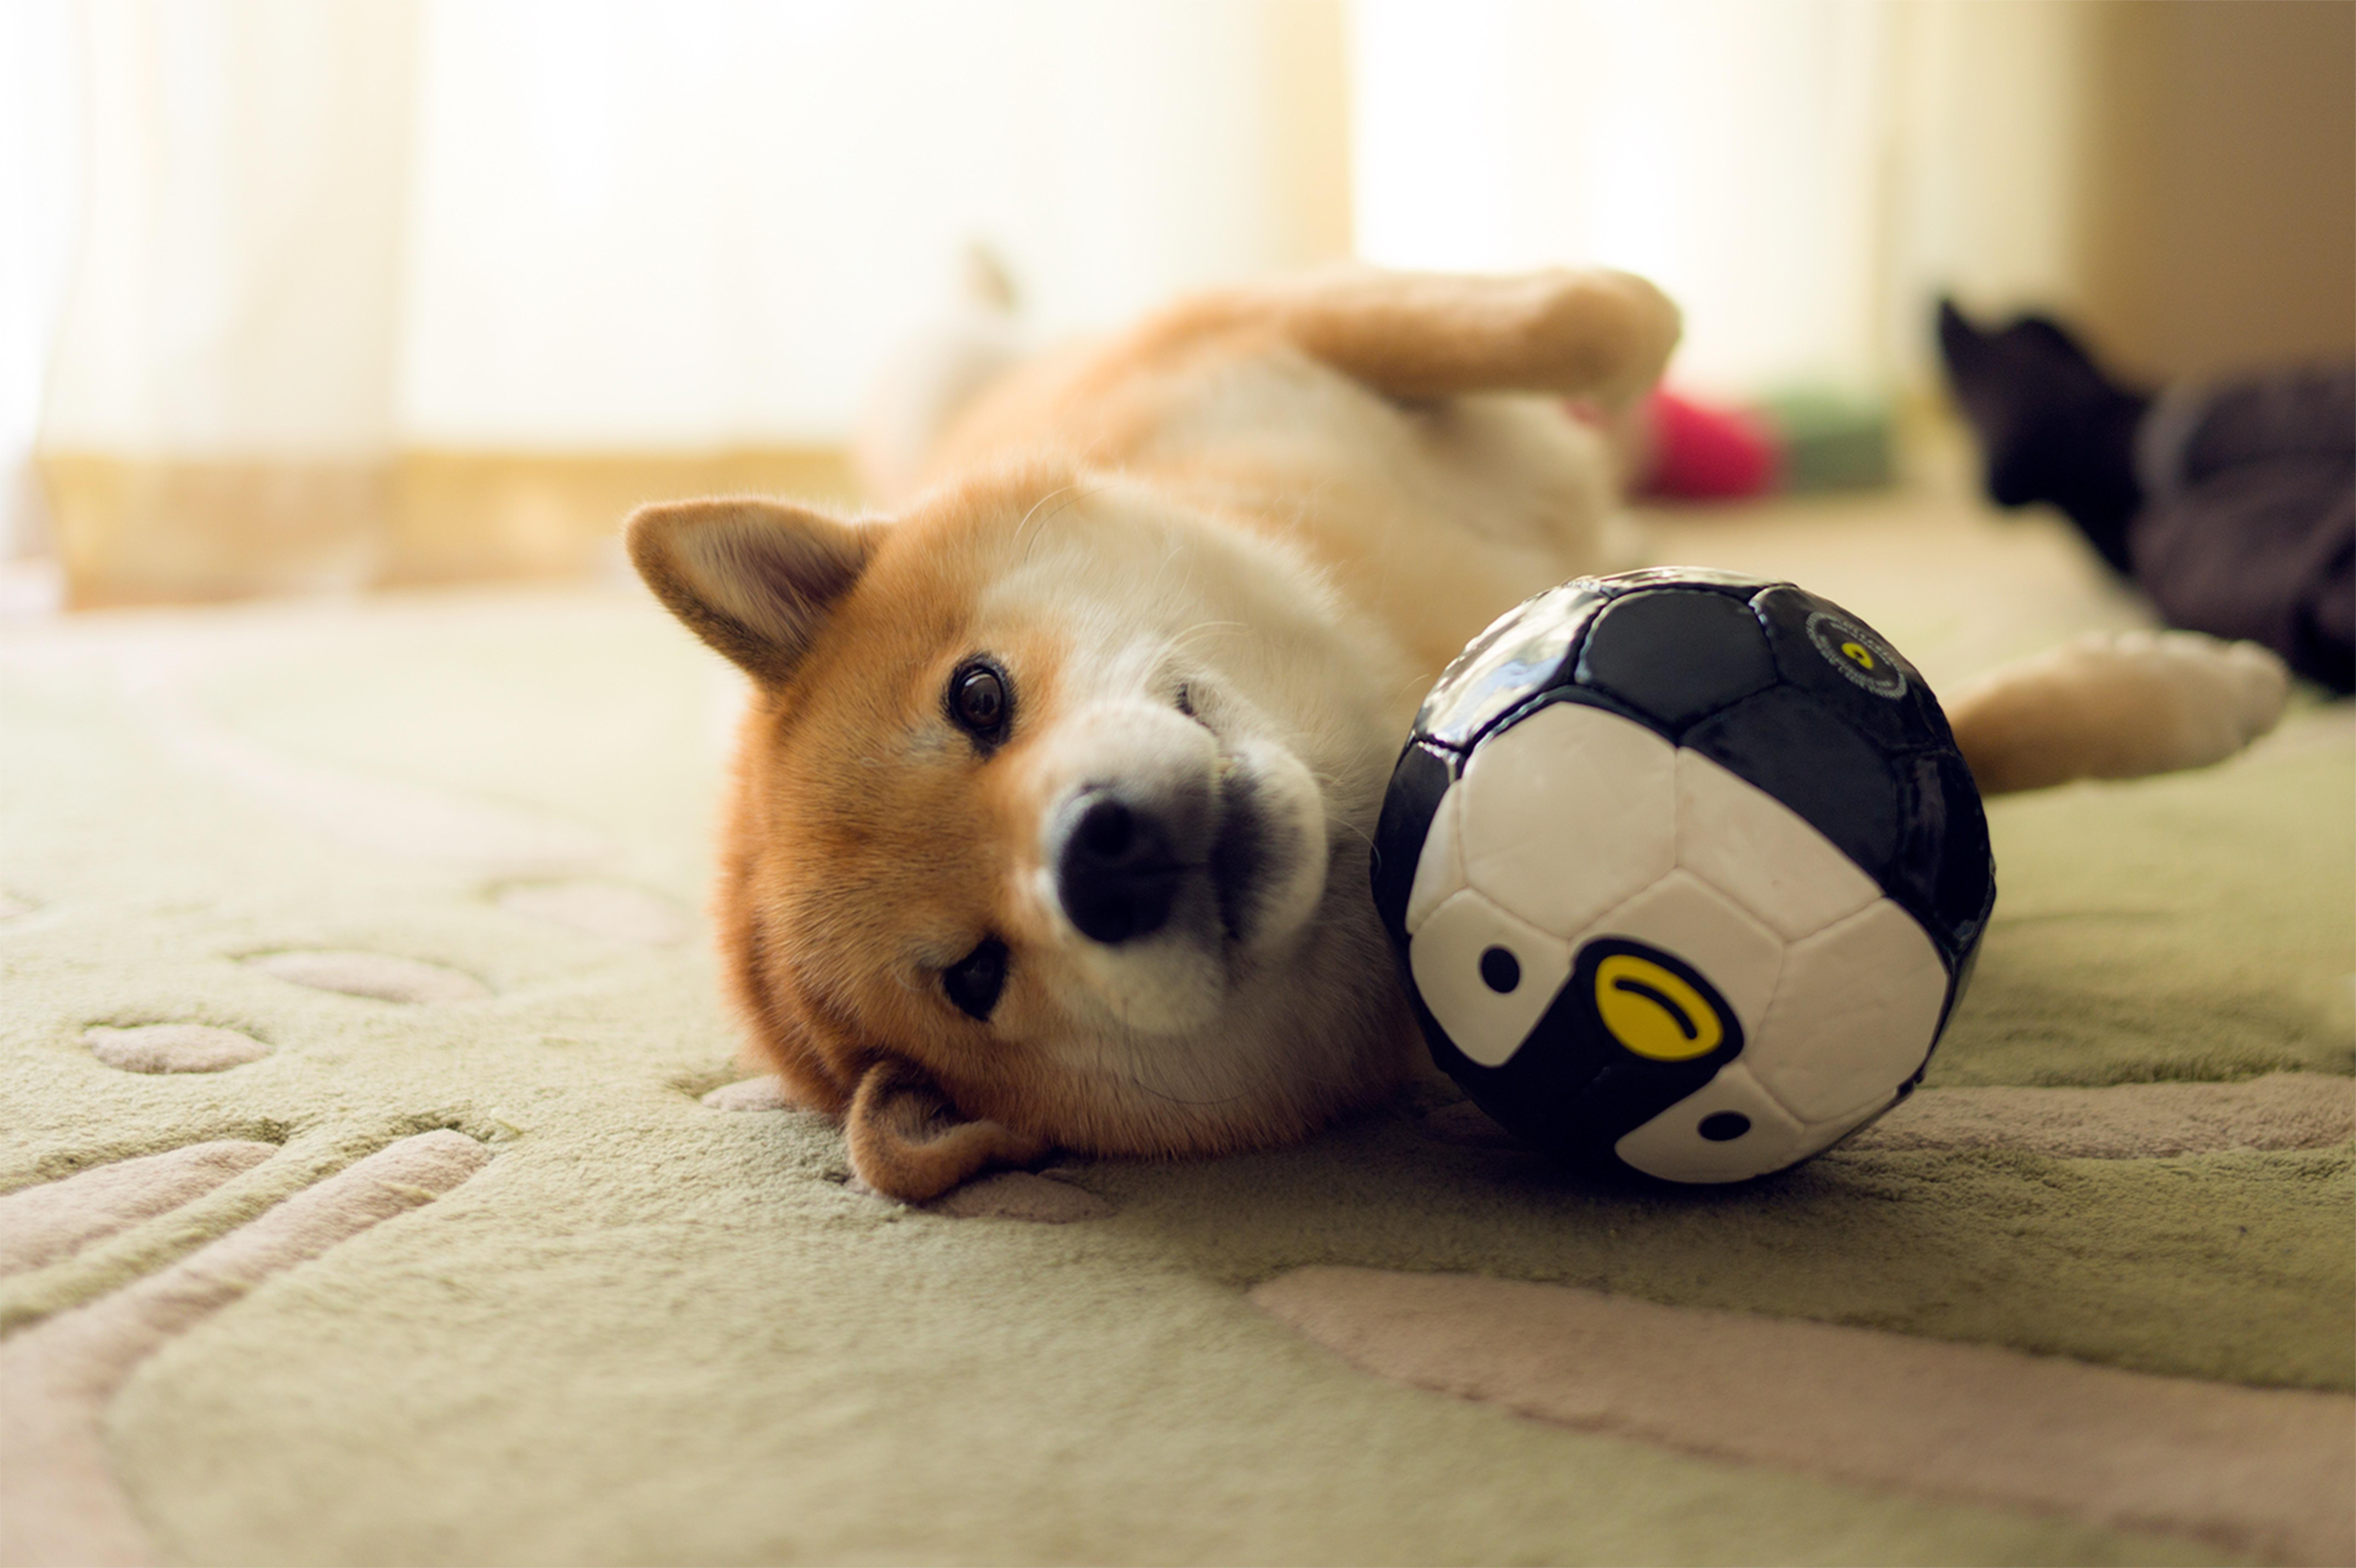 A3ノビ写真 「遊び相手はペンギンさんボール」